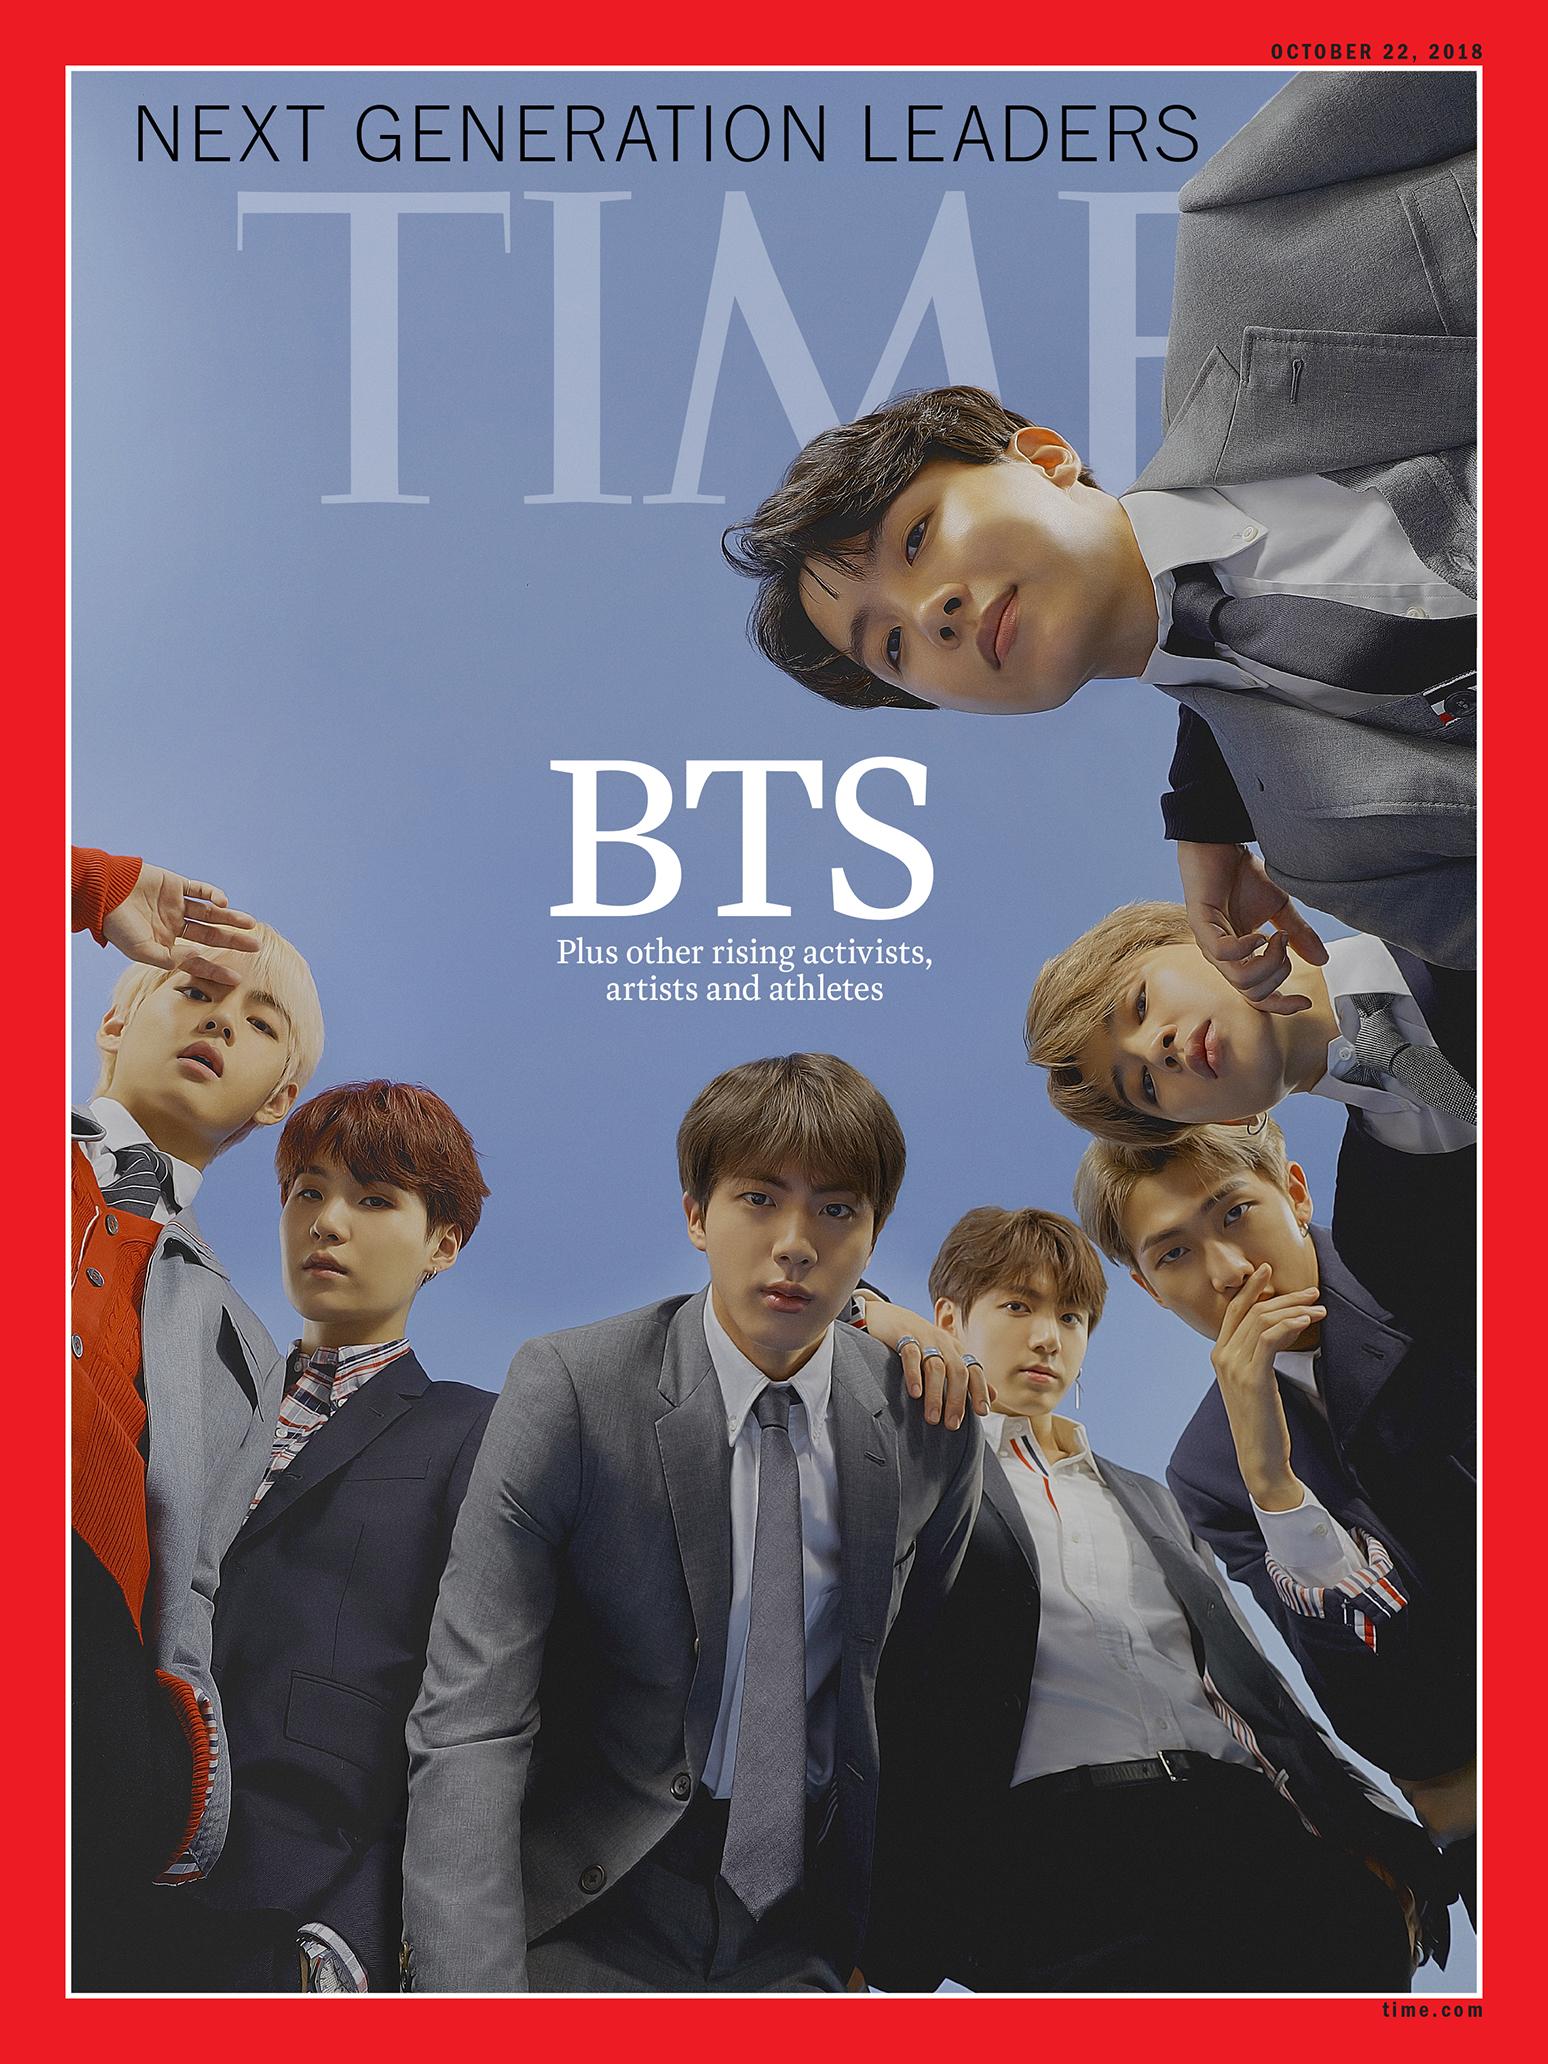 벨소리 BTS가 타임즈 잡지의 '차세대 리더' 리스트에 선정됨